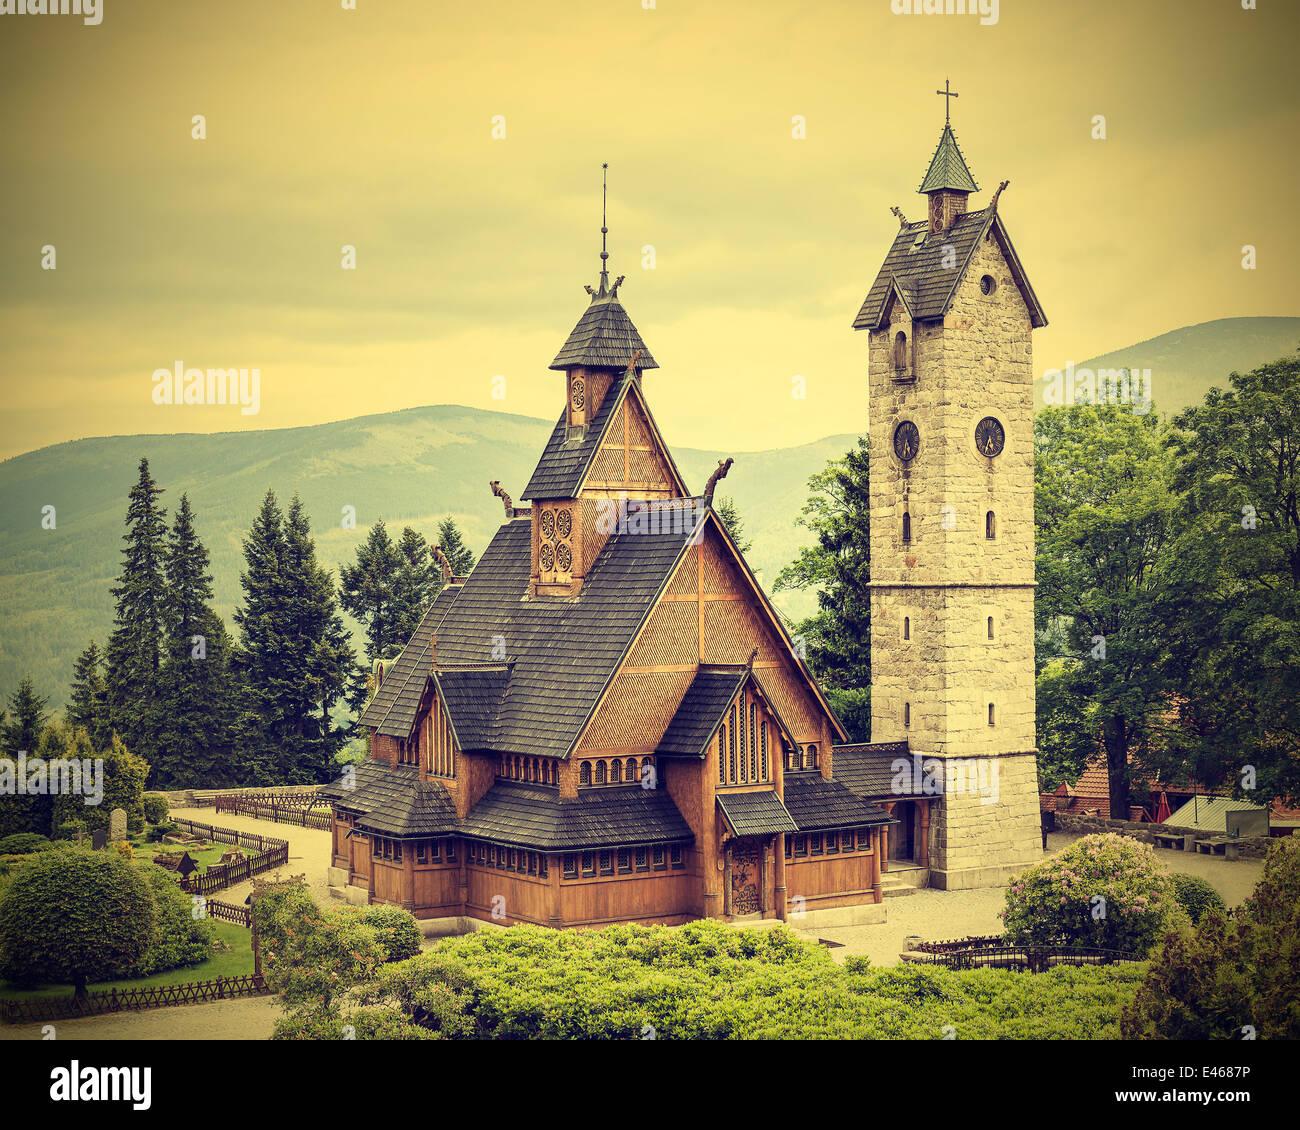 Alte, hölzerne, Tempel Wang in Karpacz, Polen, Vintage-Stil. Stockbild